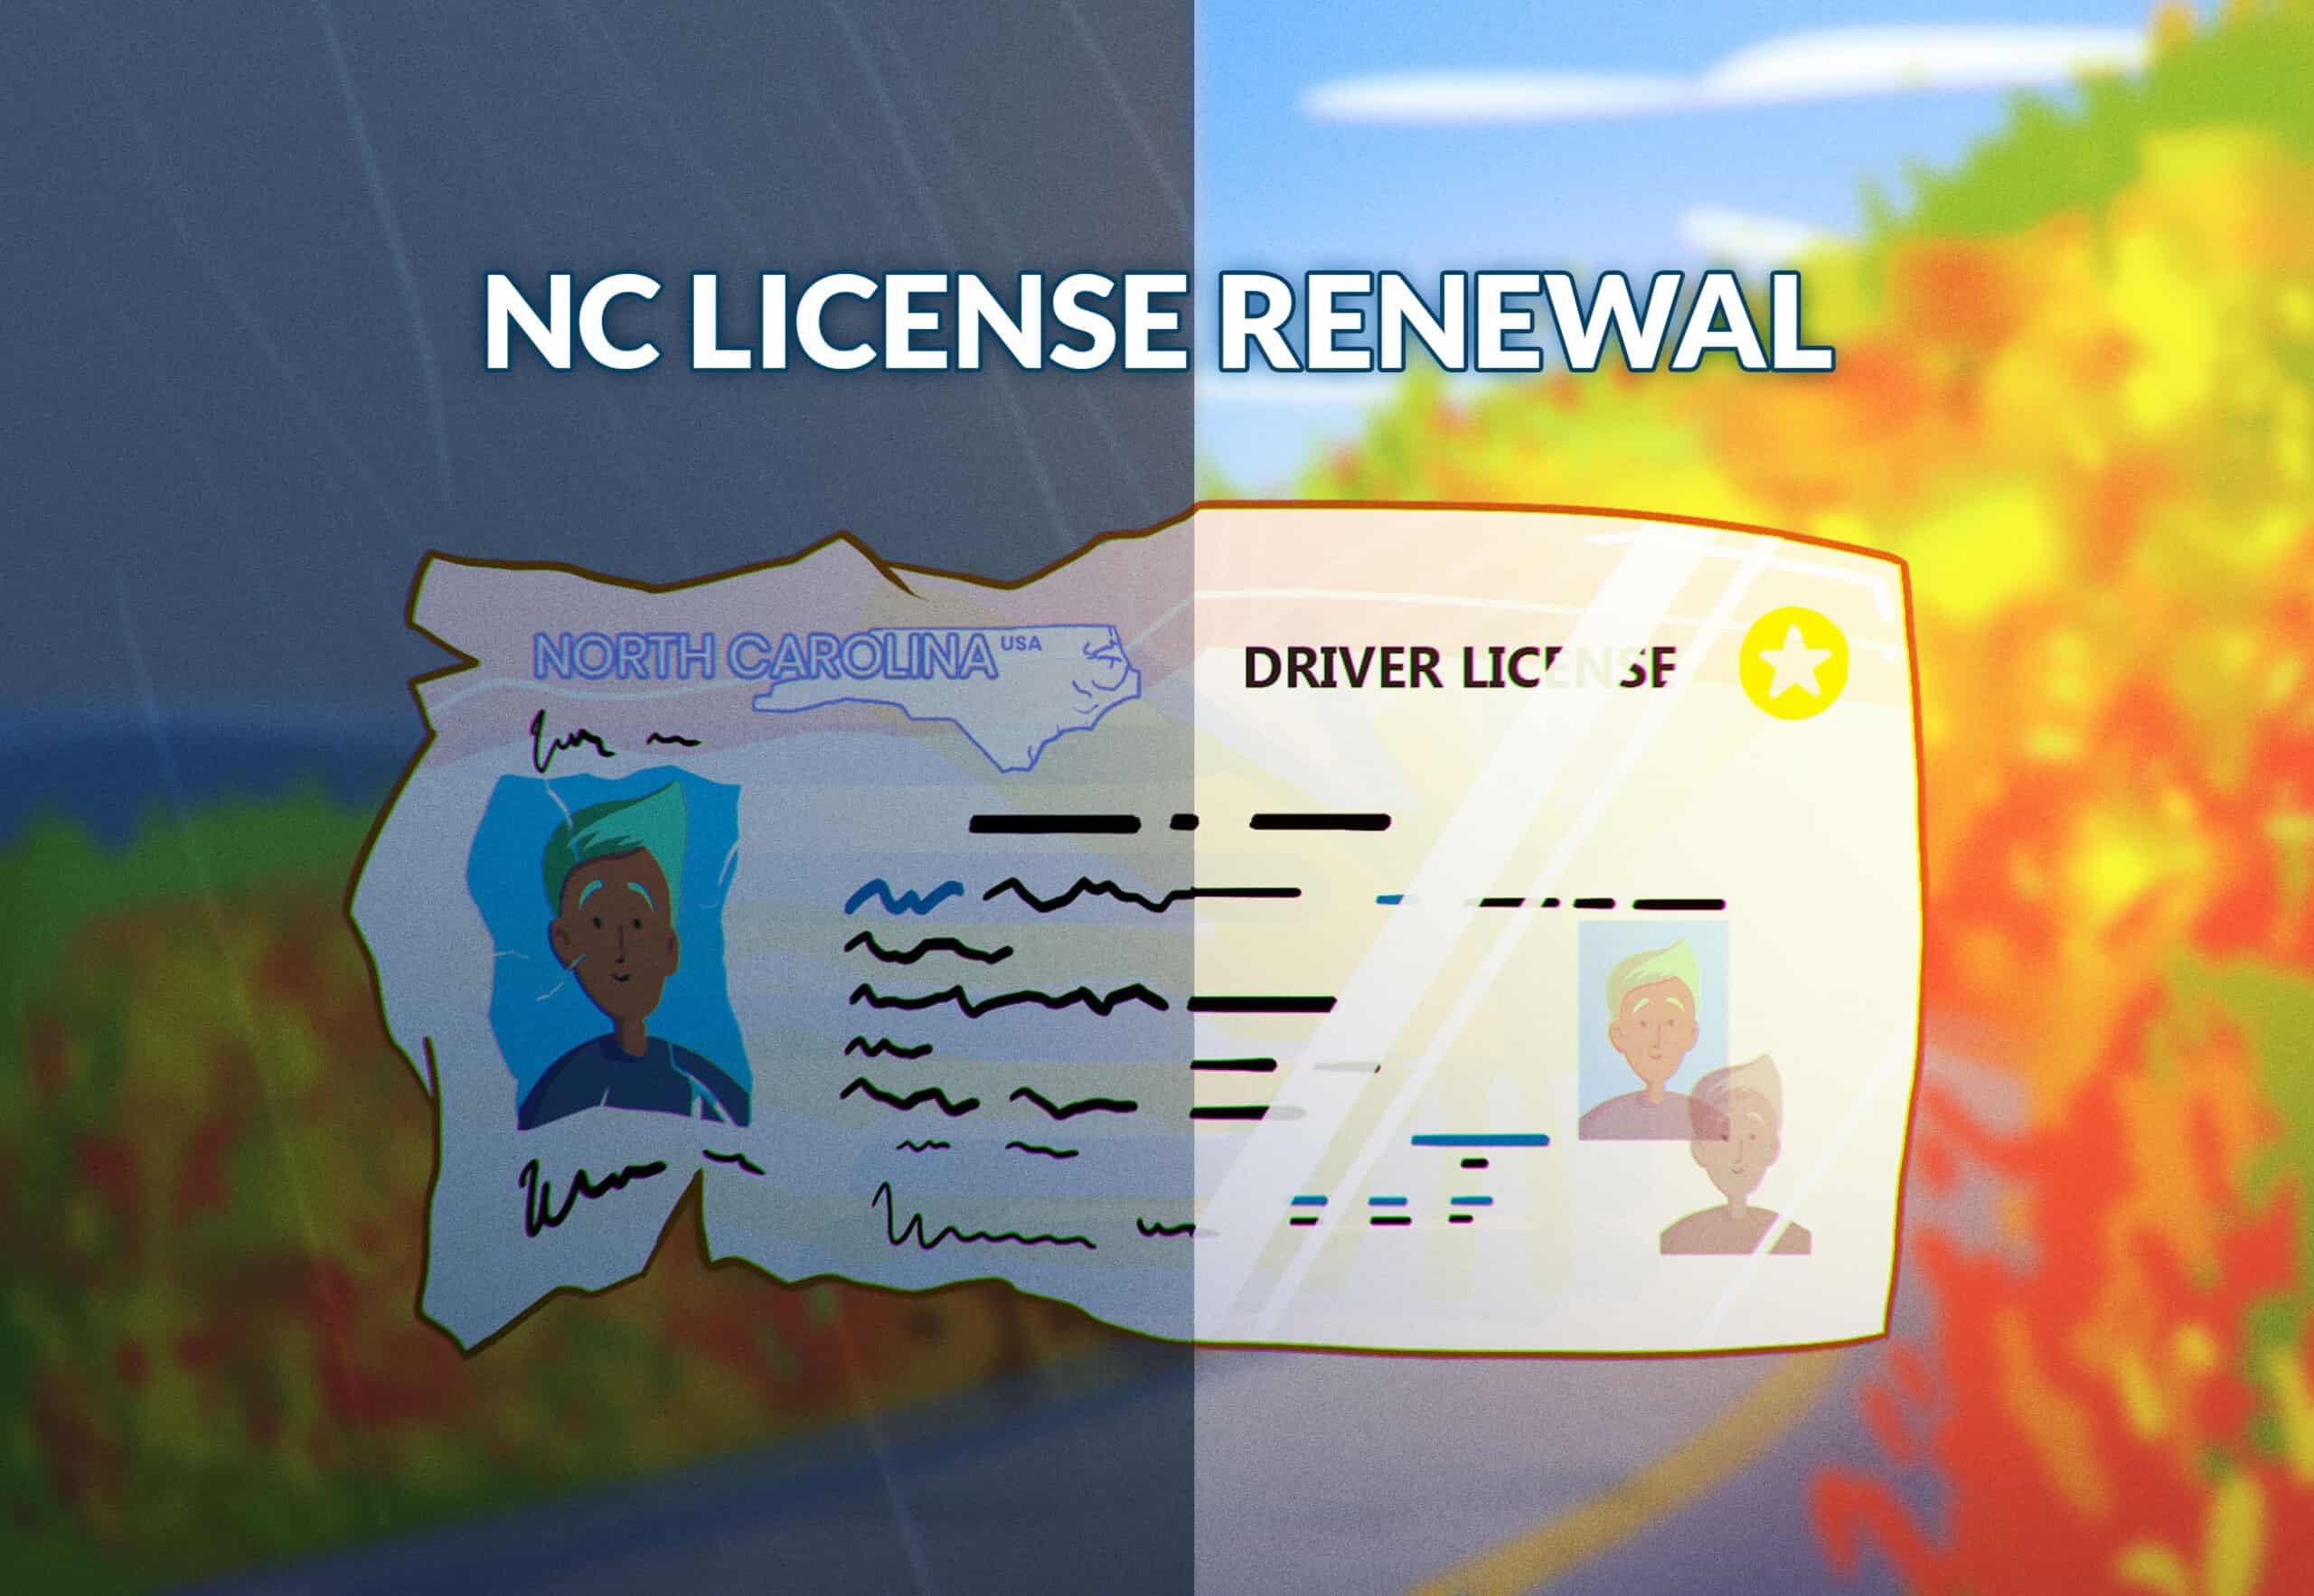 North Carolina Driver' License Renewal